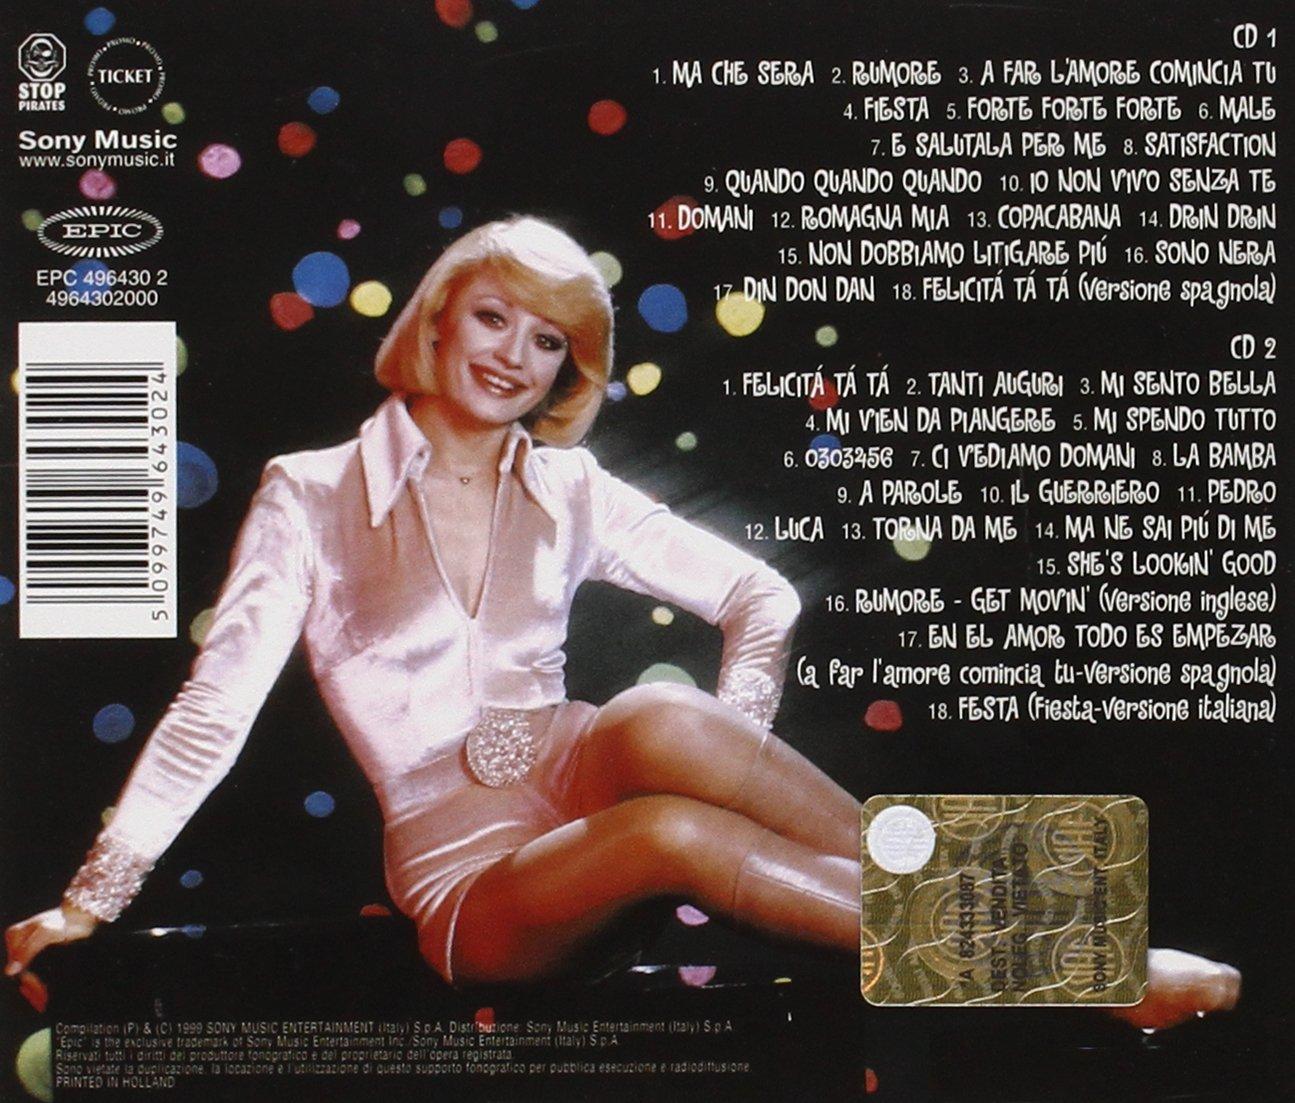 Raffaella carra tutto carra italian edition 2 cd set amazon com music